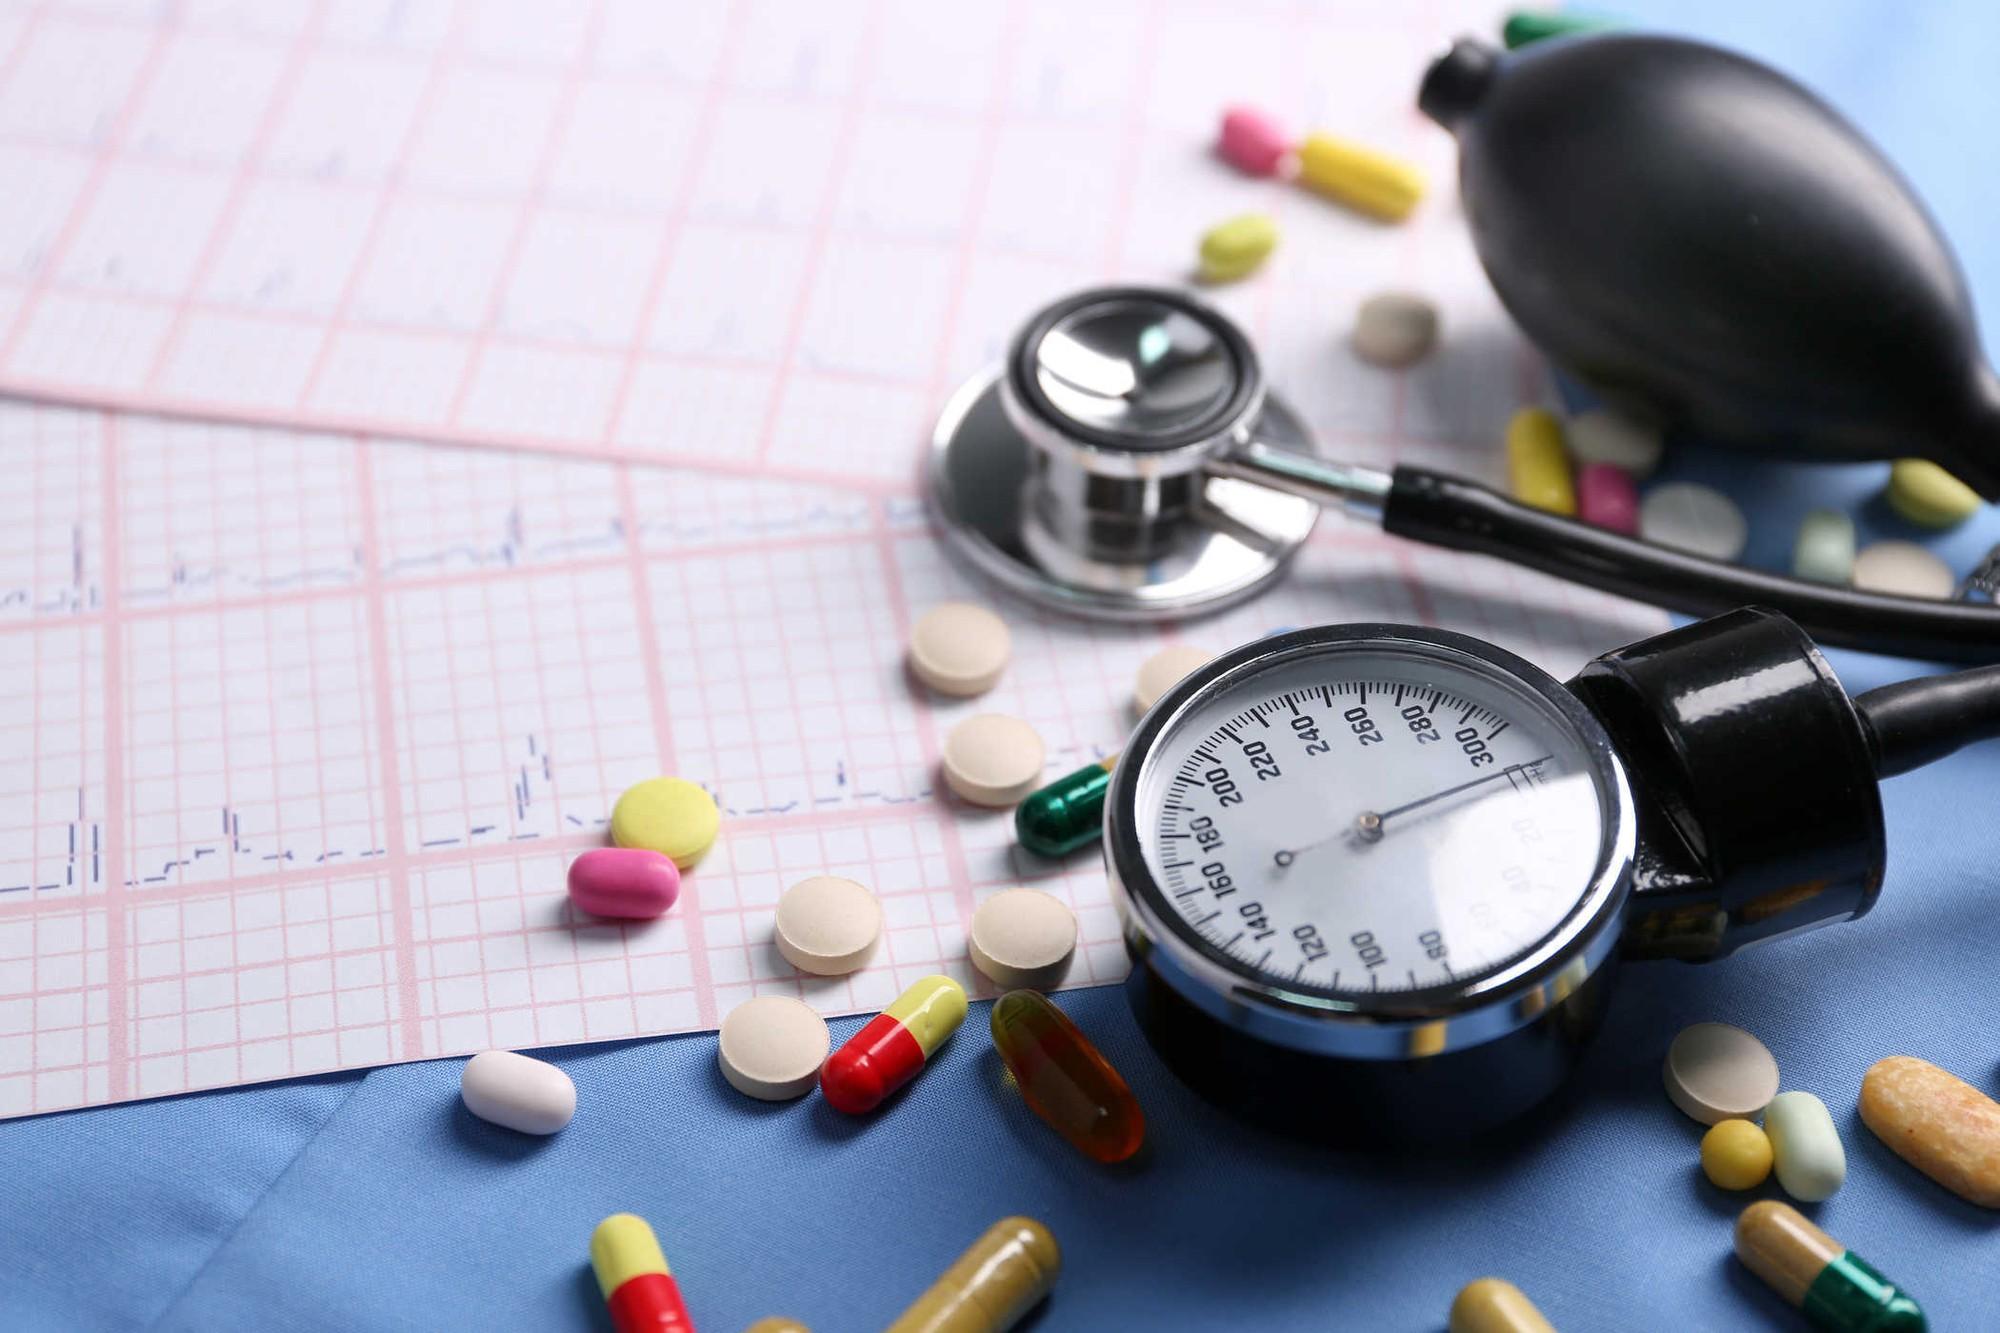 Gan của bạn có thể đang chất chứa đầy mỡ nếu gặp phải các triệu chứng sau - Ảnh 2.